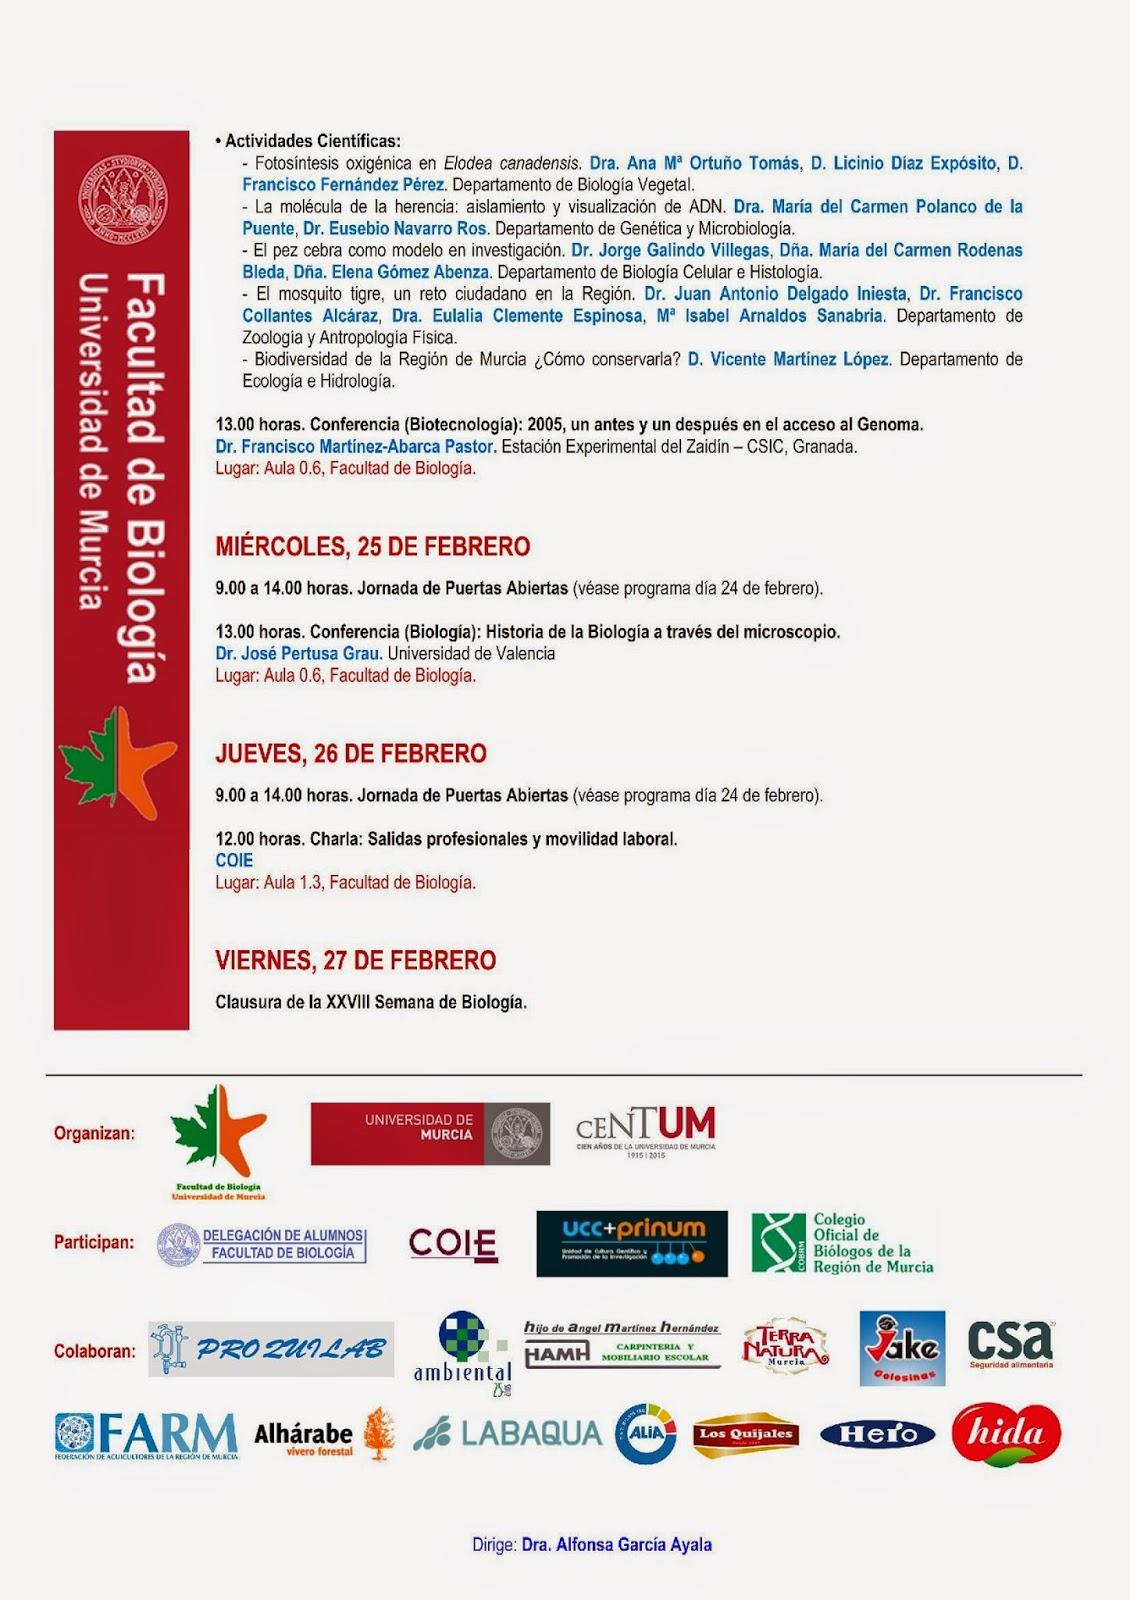 PROGRAMA XXVIII SEMANA DE BIOLOGÍA Año Internacional de los Suelos 23 – 27 de febrero de 2015